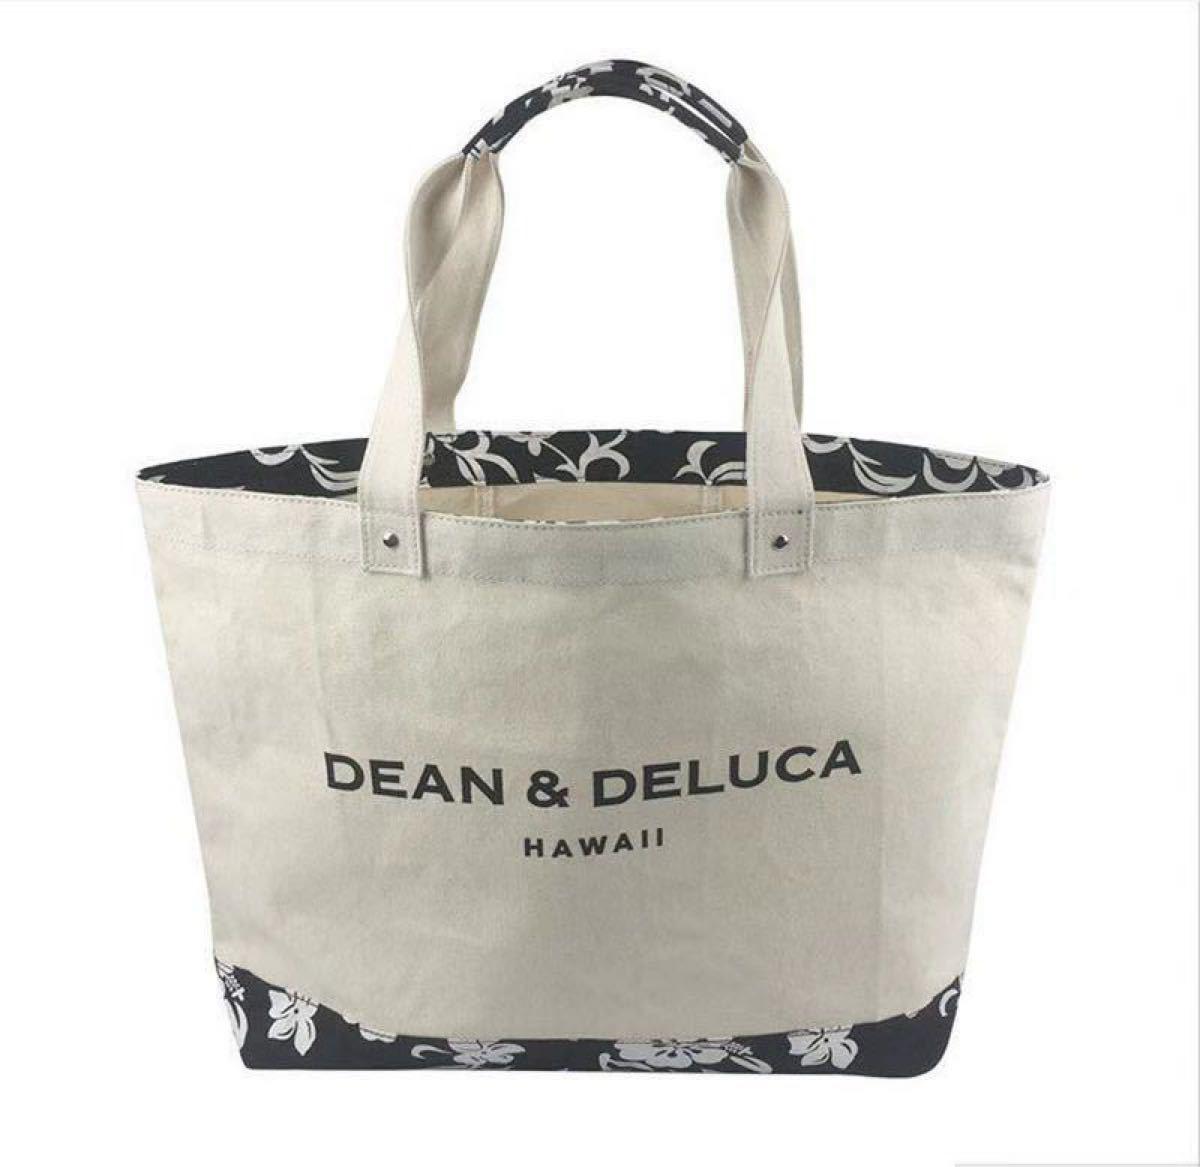 DEAN&DELUCA エコバッグ レジカゴバッグ ショッピングバッグ